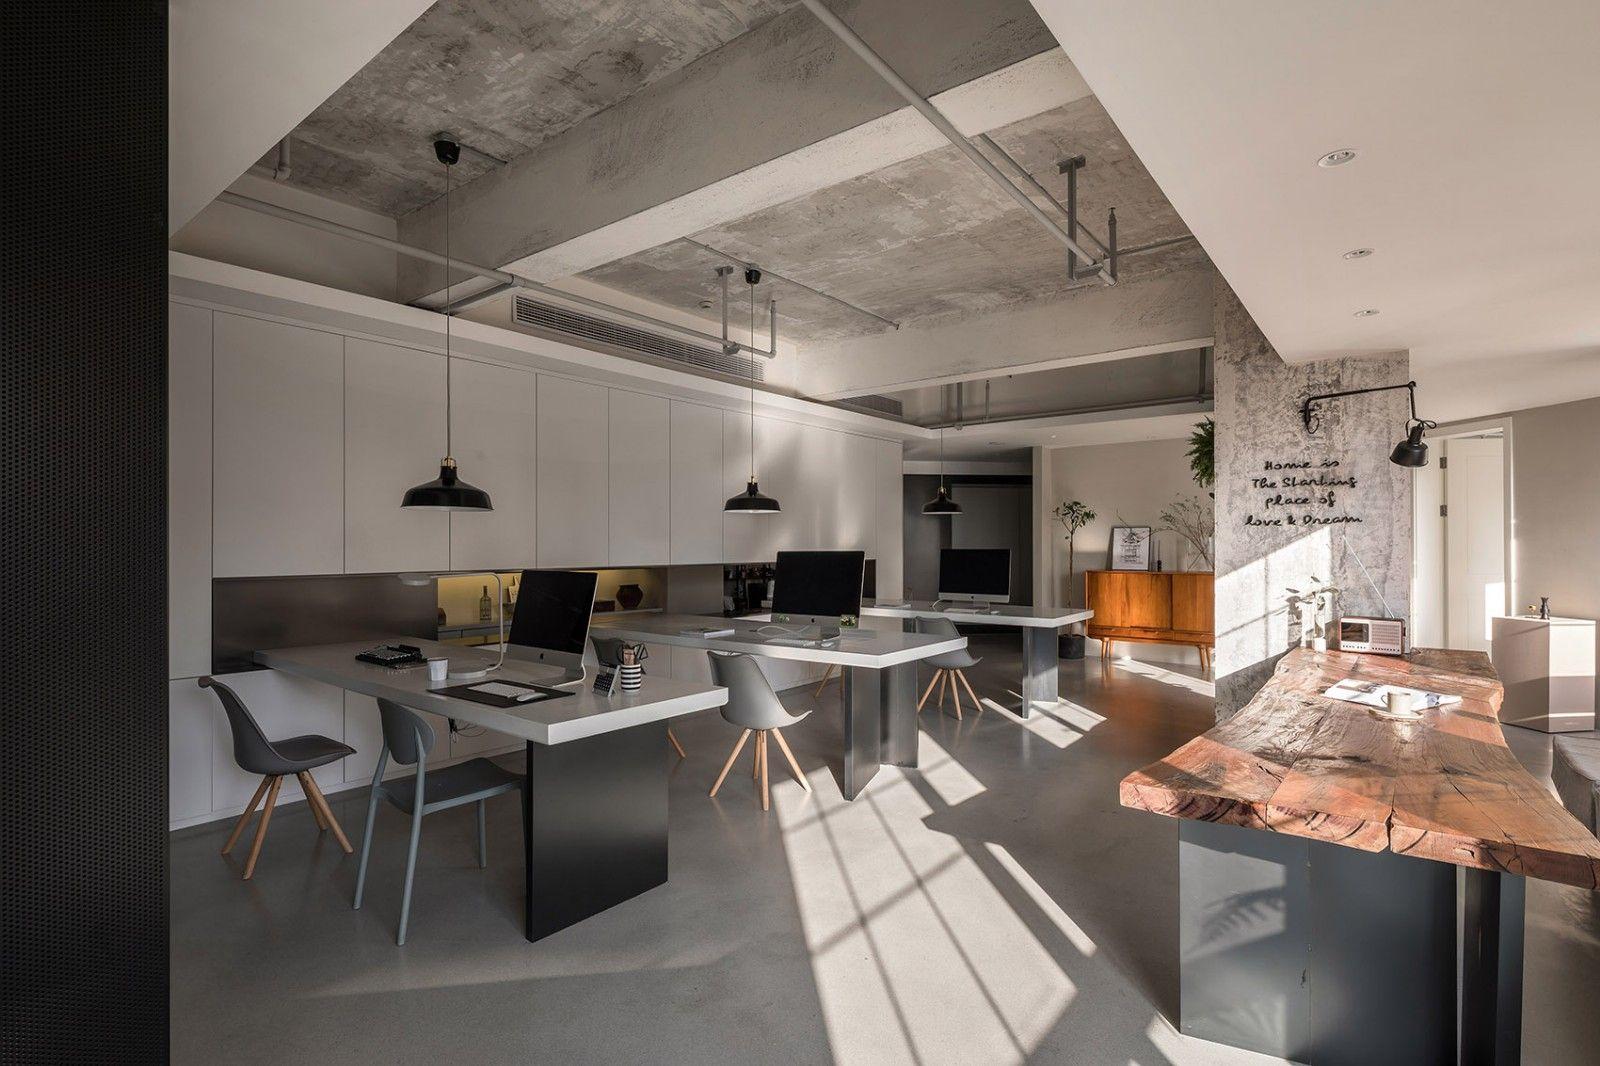 杭州莫语生活办公室 | 杭州时上建筑空间设计|沈墨 - 6